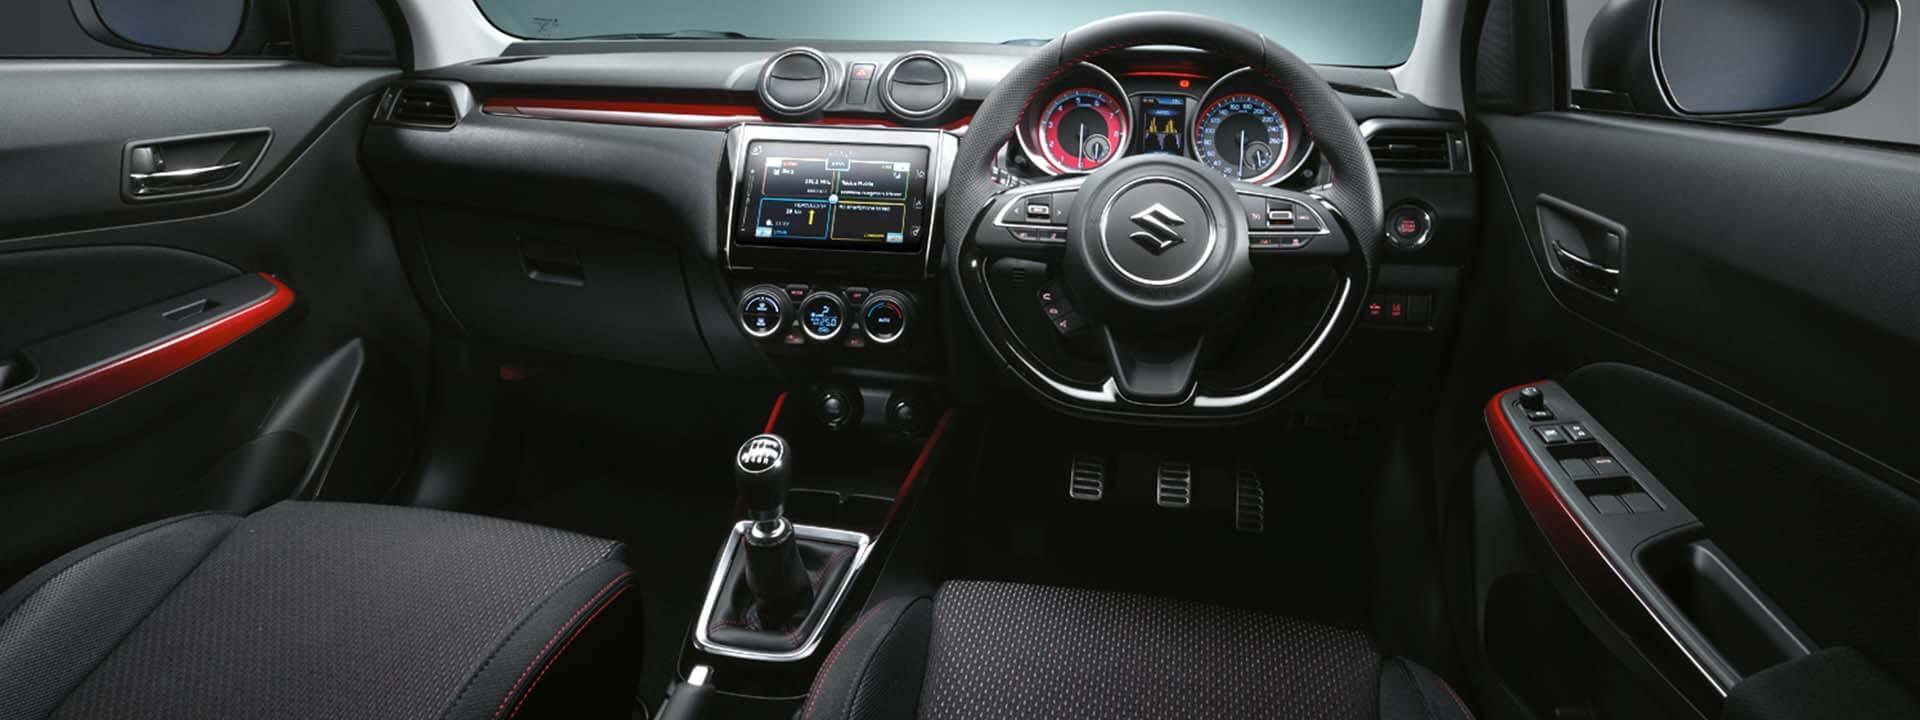 Suzuki Swift Sport Car Accessories - Suzuki QLD